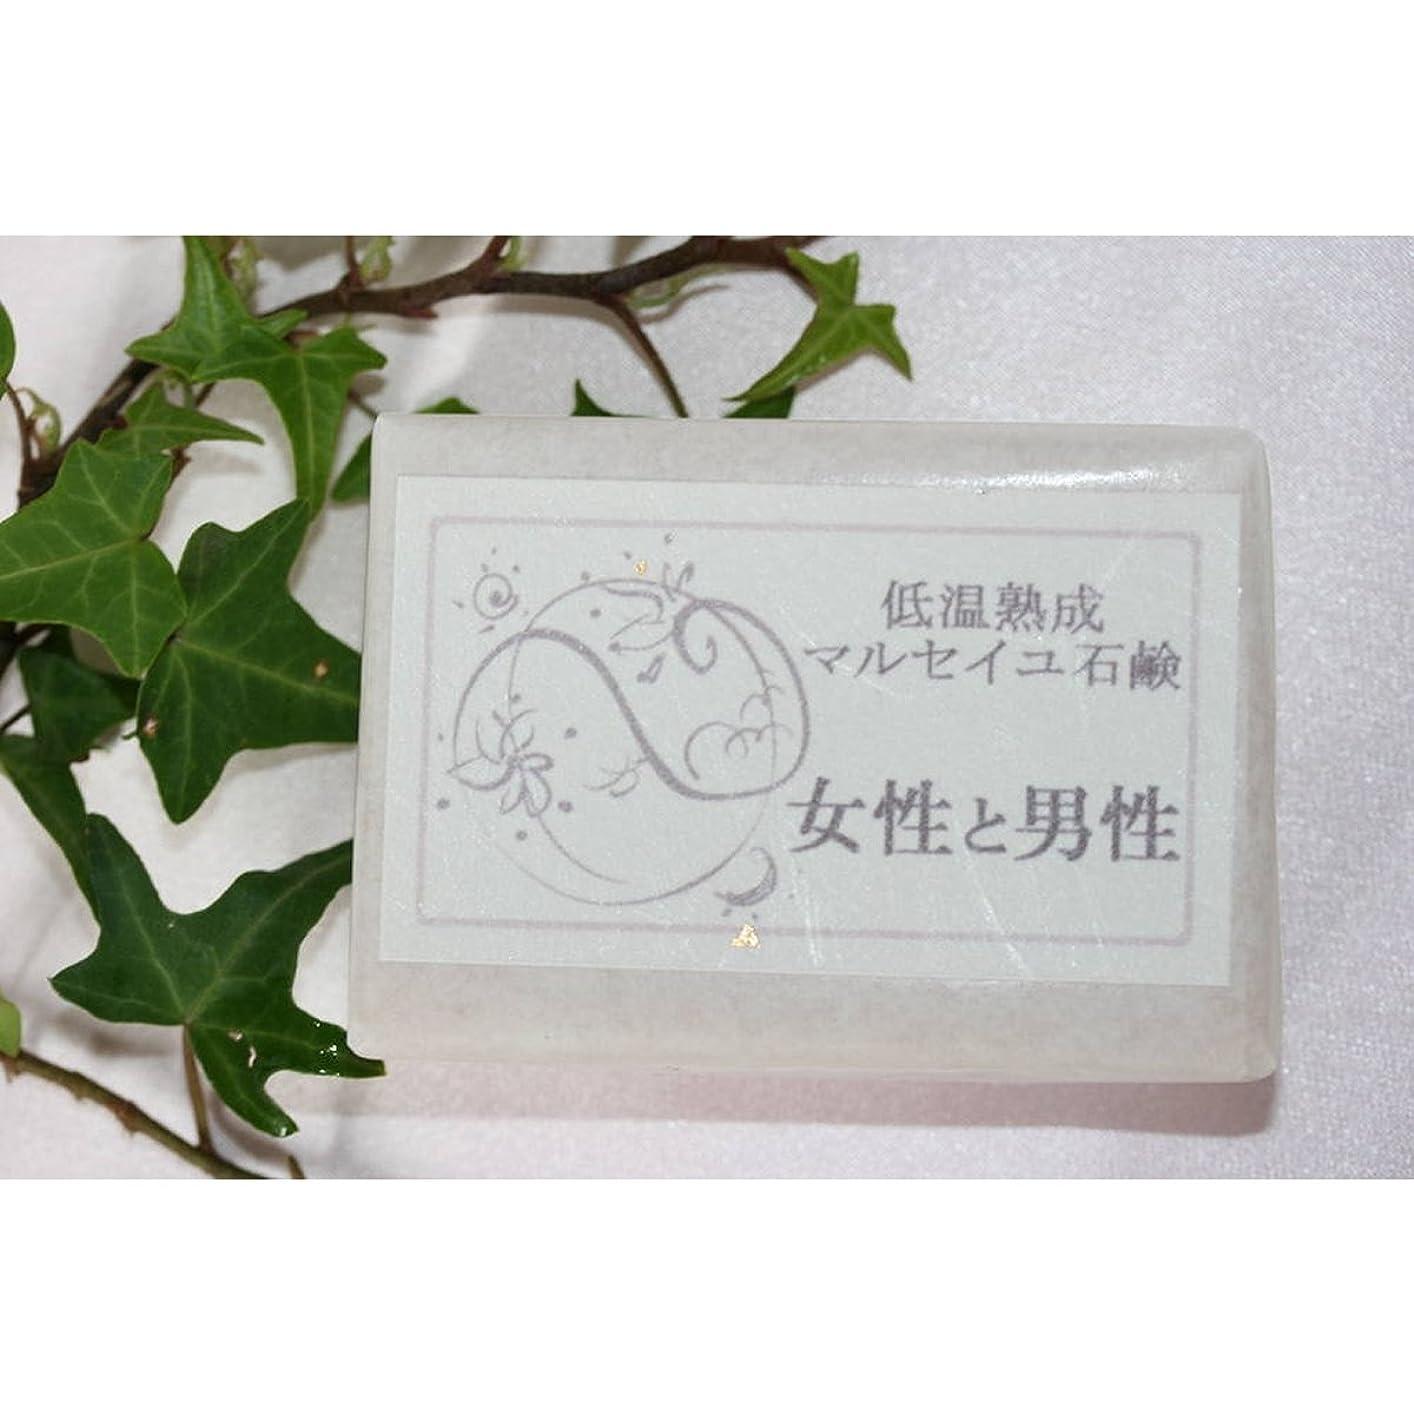 しつけ有効な抵抗するマウントフジ フラワーエッセンス 低温熟成 マルセイユ石鹸 「女性と男性」 (MTFUJI FLOWER ESSENCES)